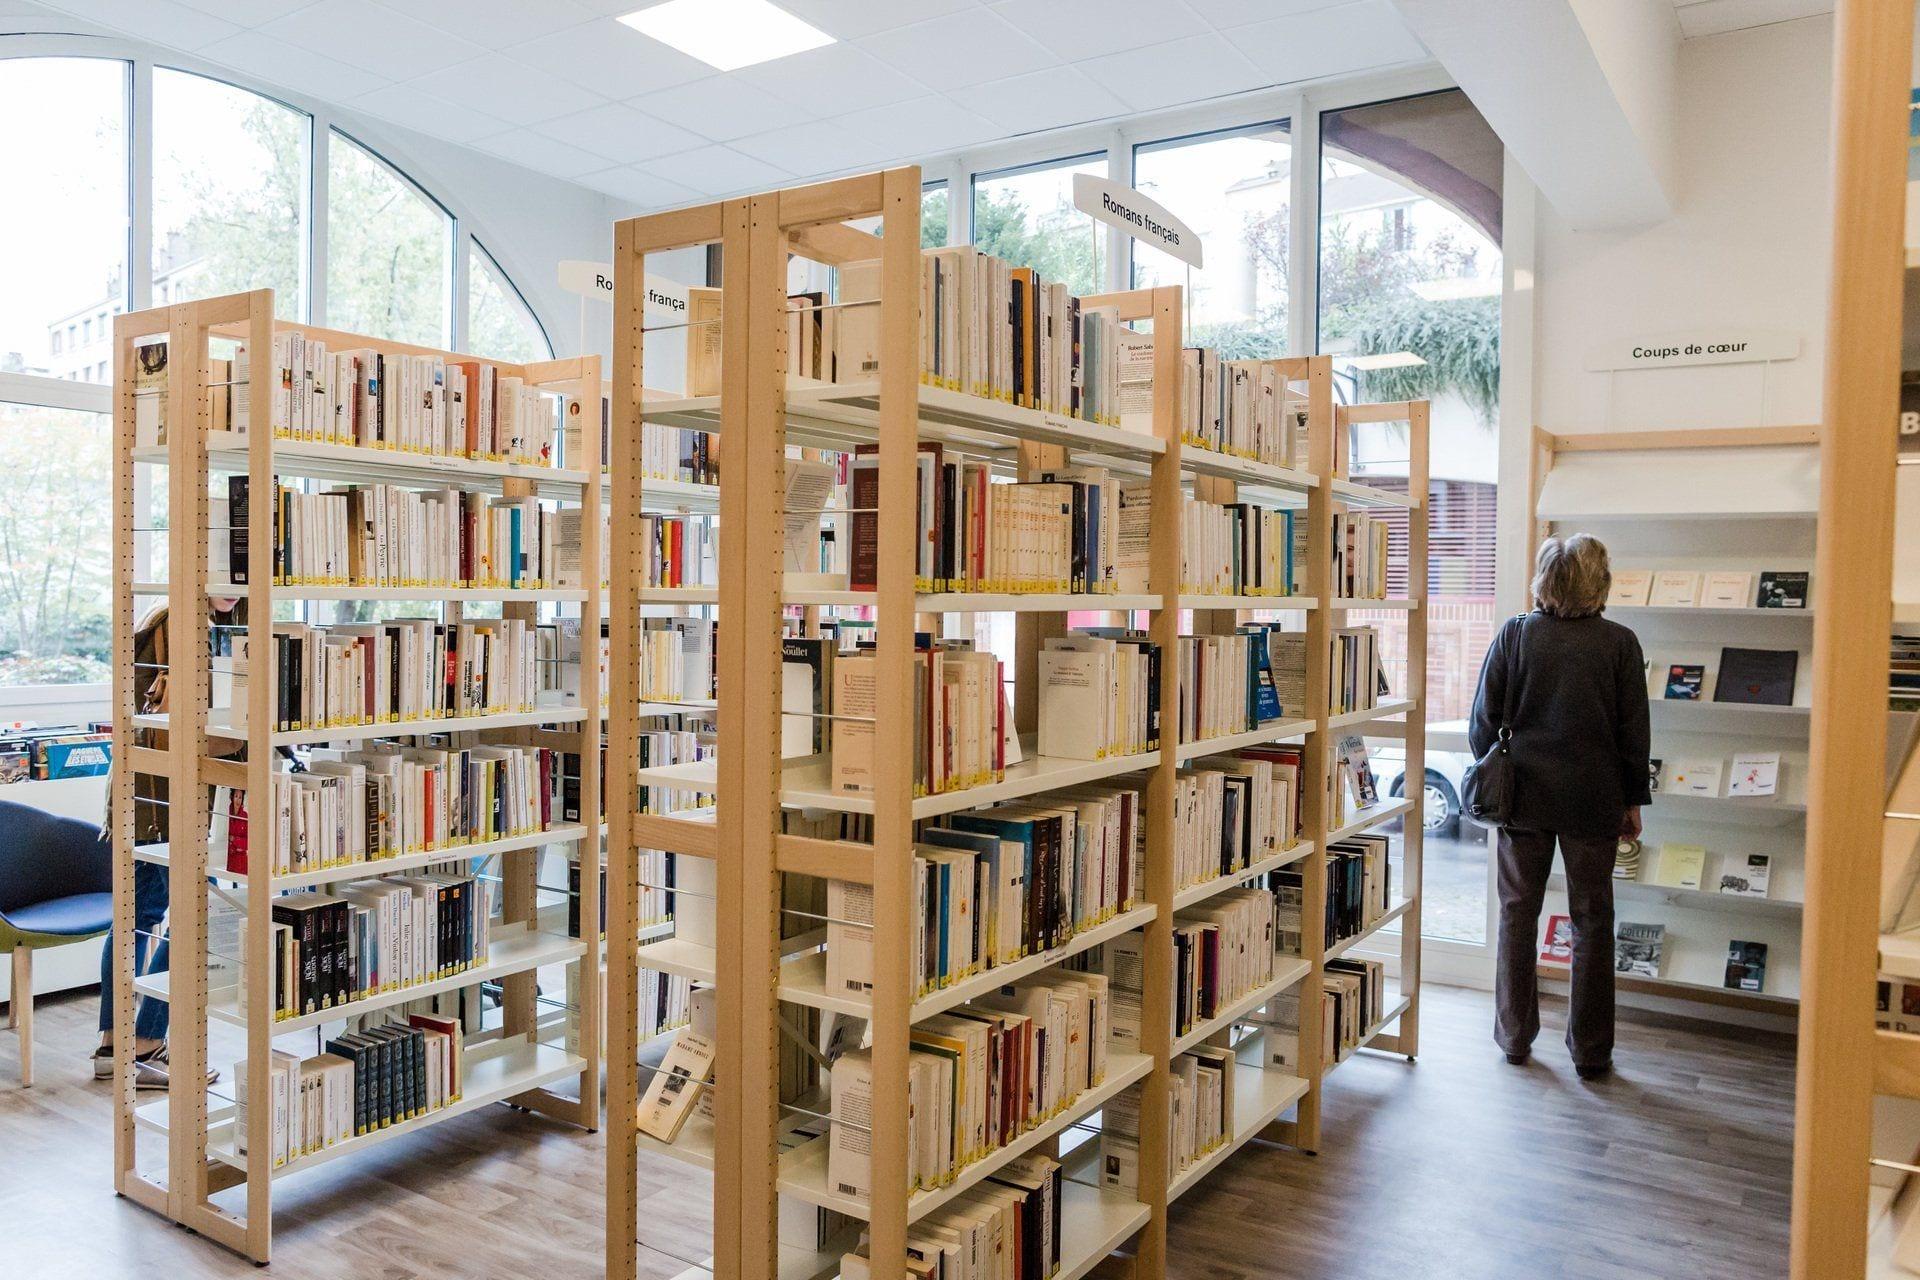 Médiathèque et bibliothèques